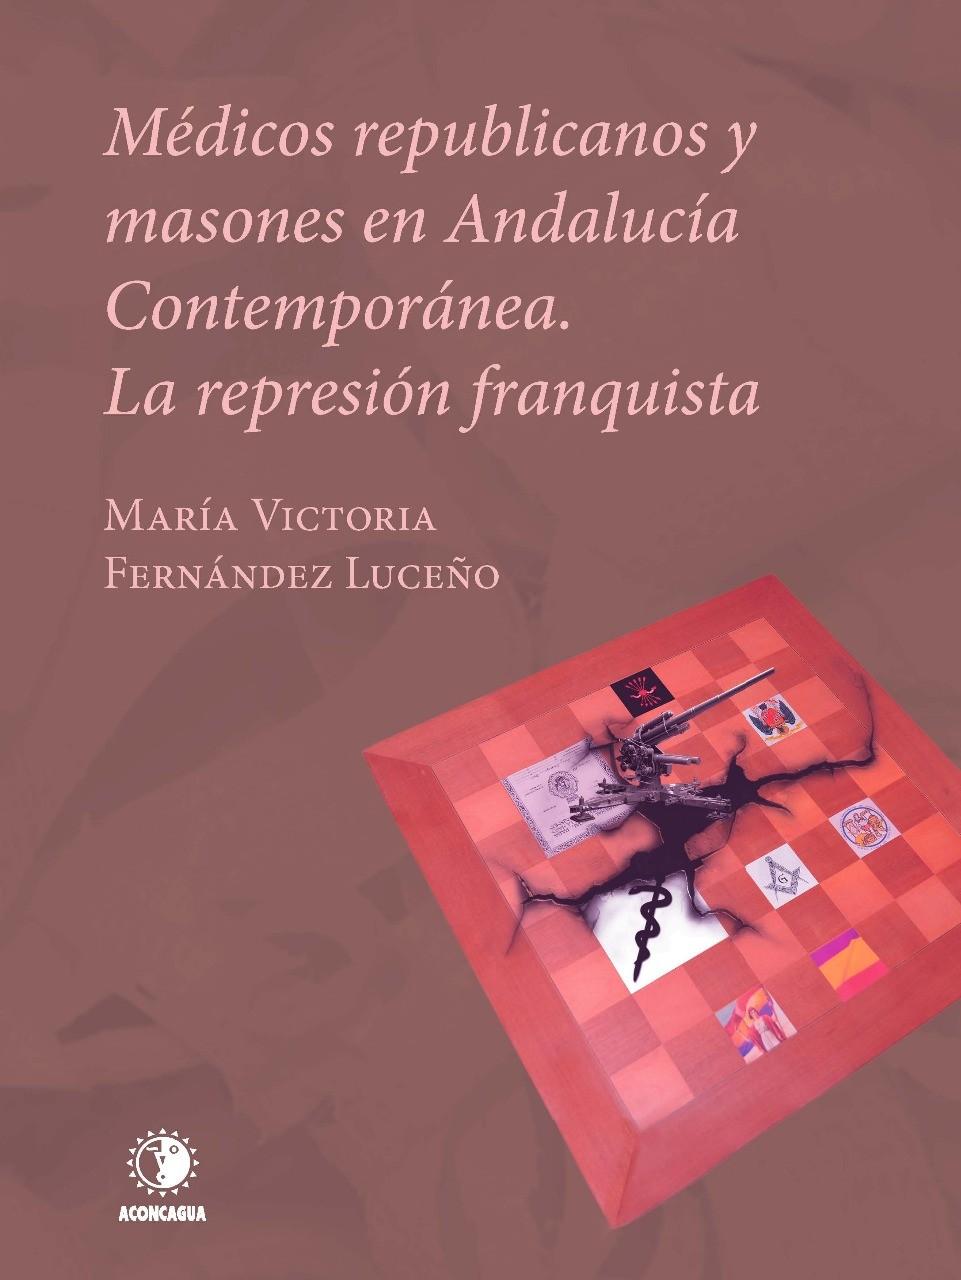 Médicos republicanos y masones en Andalucía contemporánea. La represión franquista María Victoria Fernández Luceño, portada